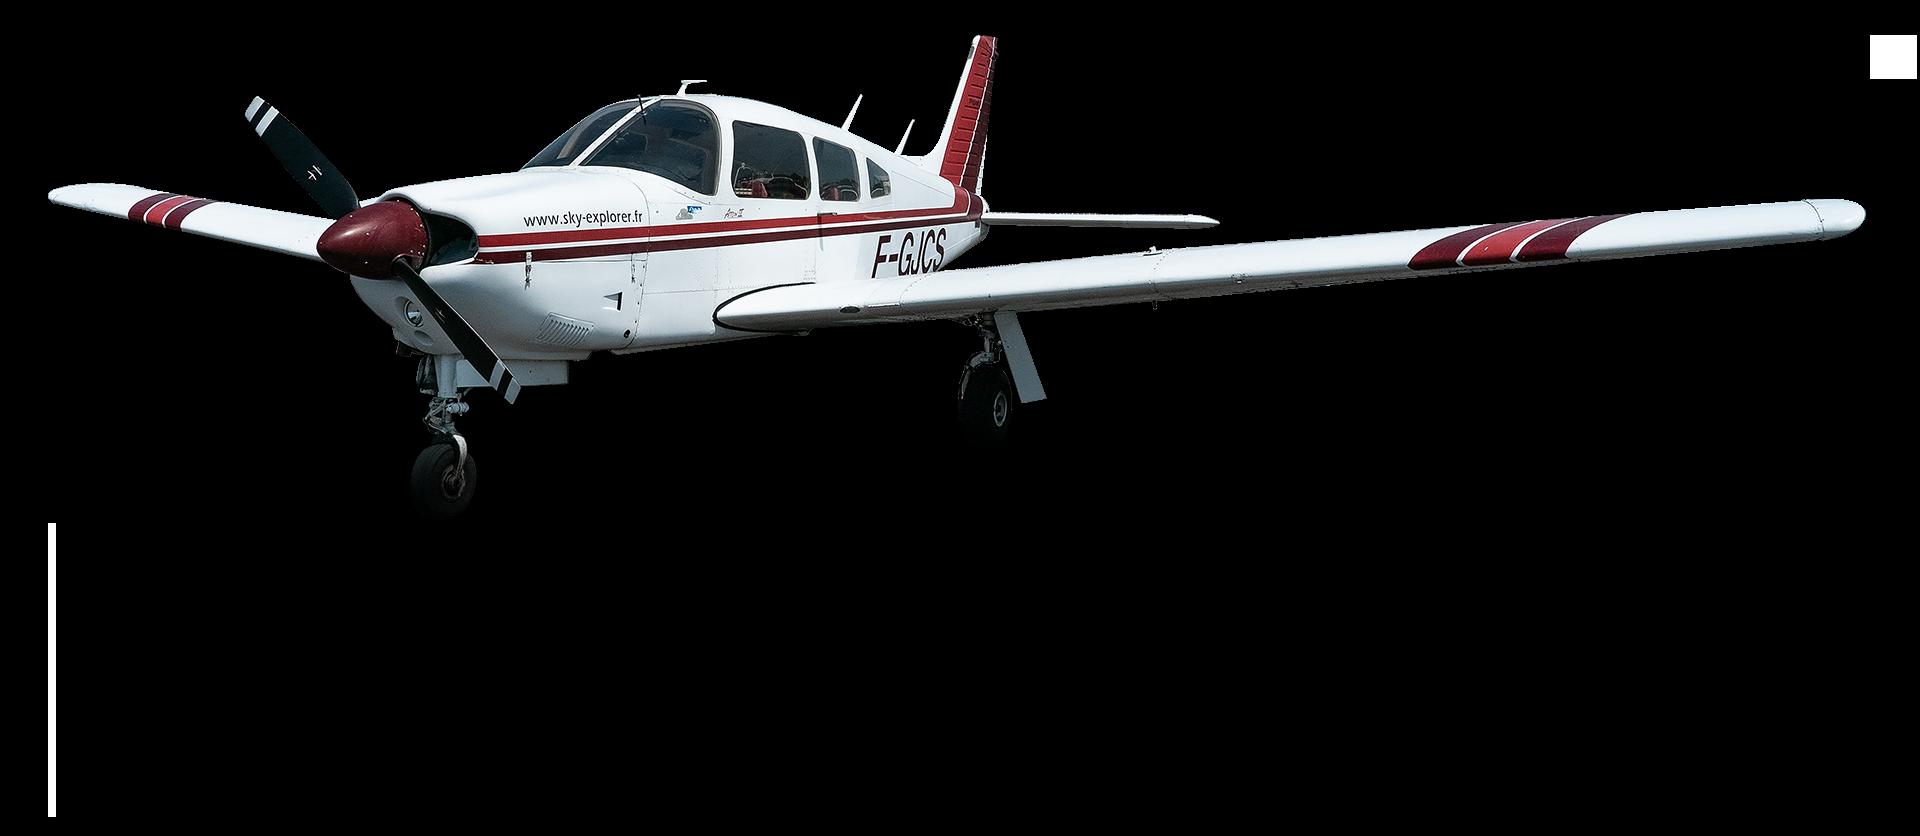 Piper Pa-28 Arrow 2 (F-GJCS) Sky Explorer la flotte ecole aviation aix les milles